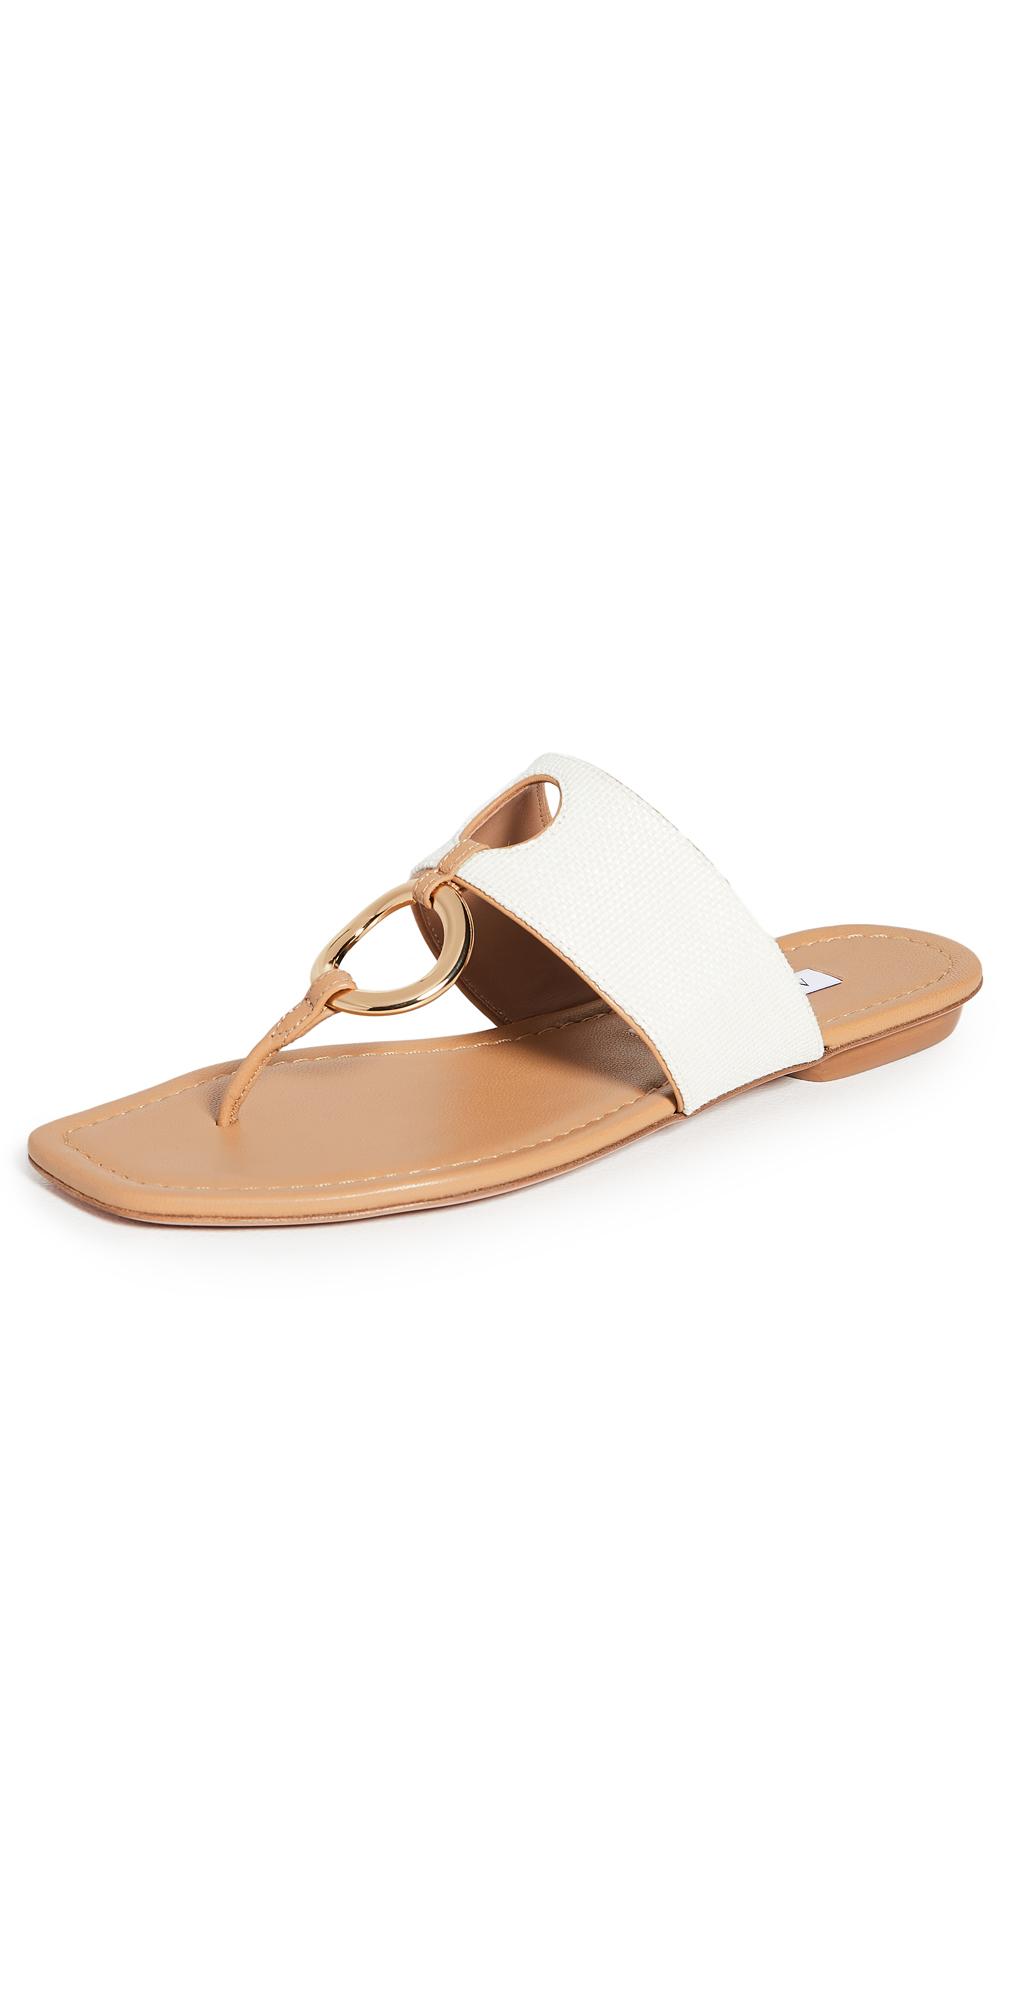 Aquazzura Ring Flat Sandals